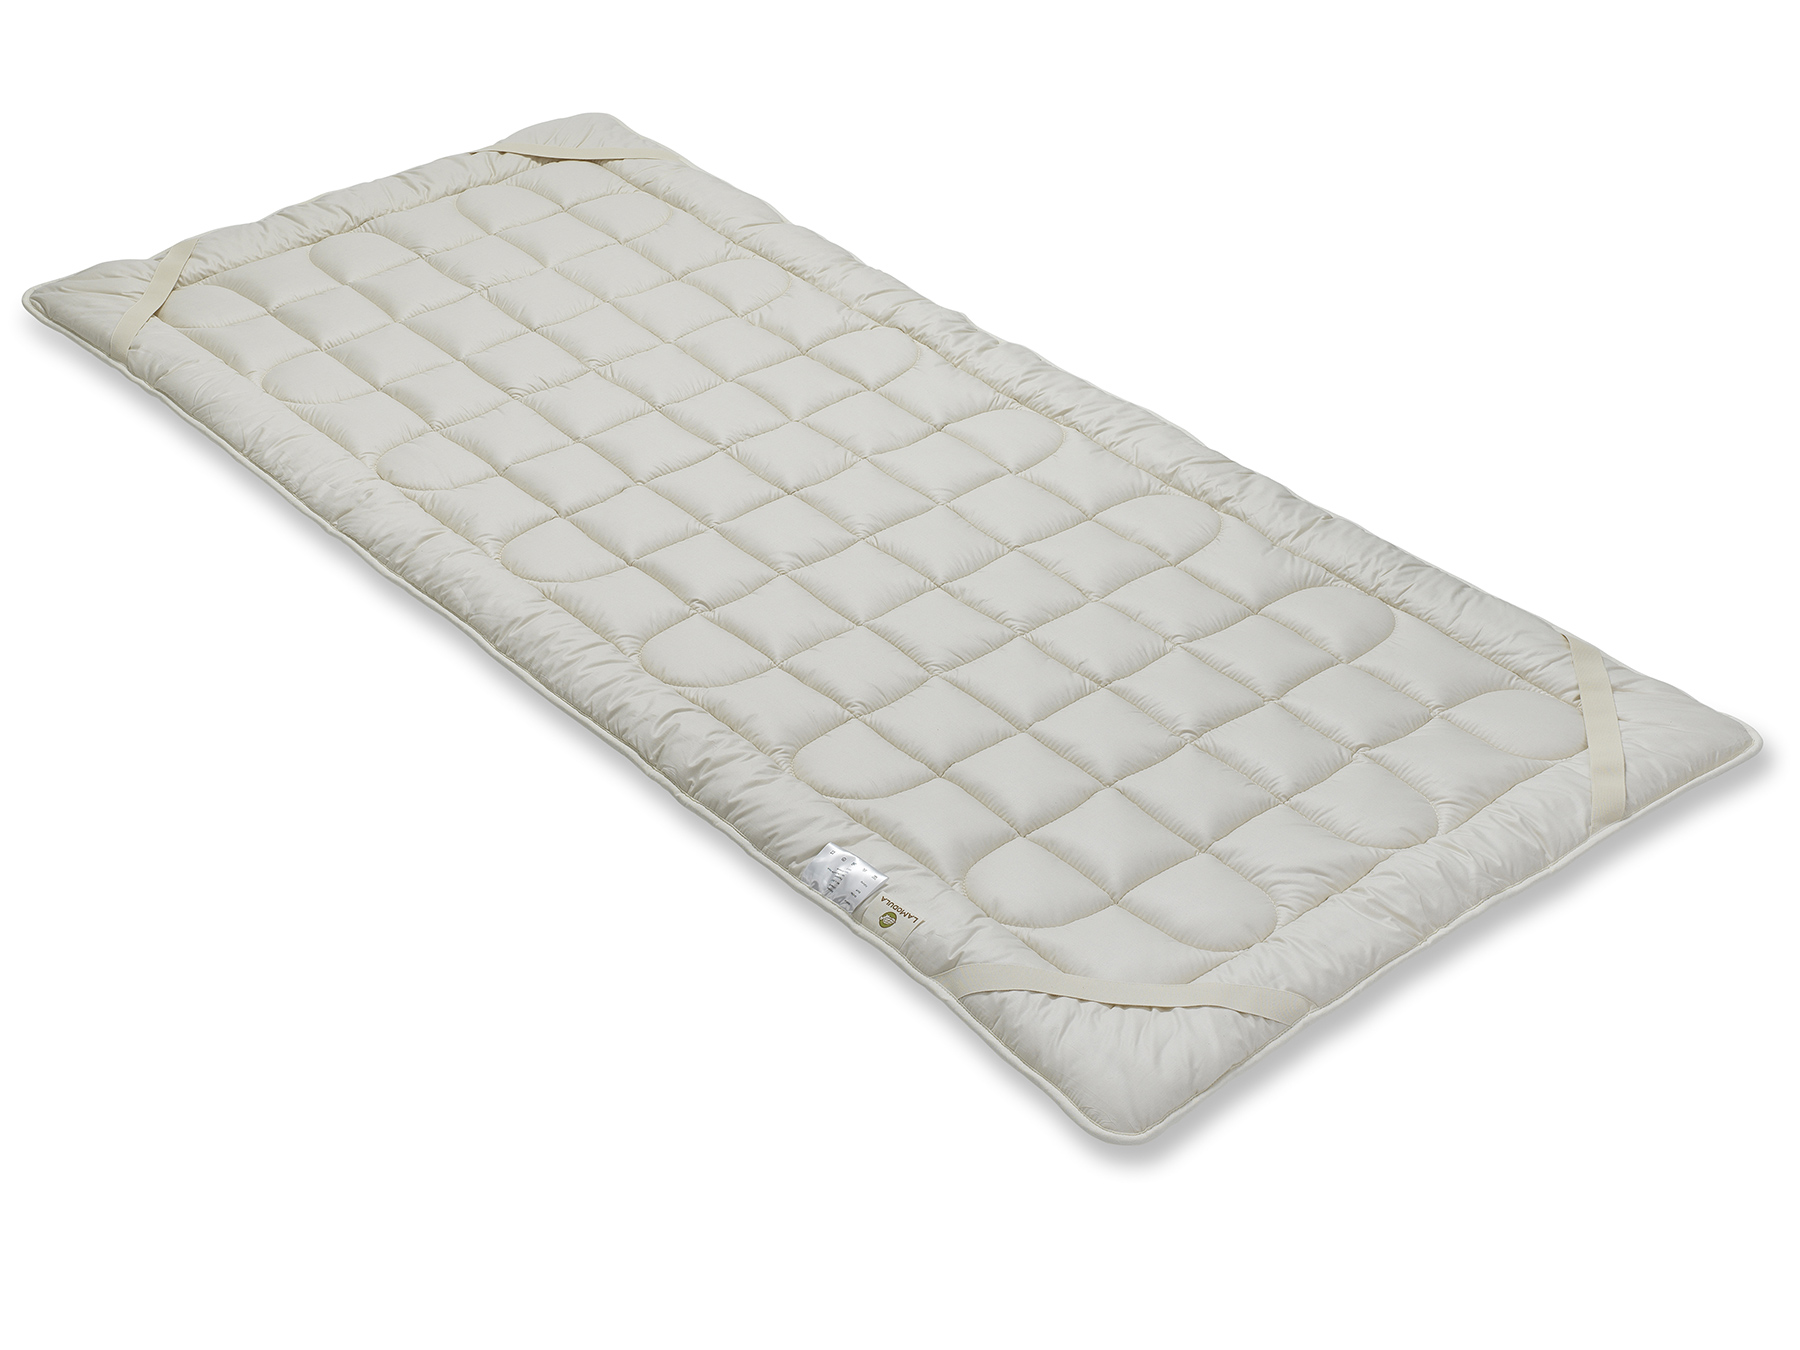 Mit vier Schräggummibändern wird das Unterbett an der Matratze befestigt.